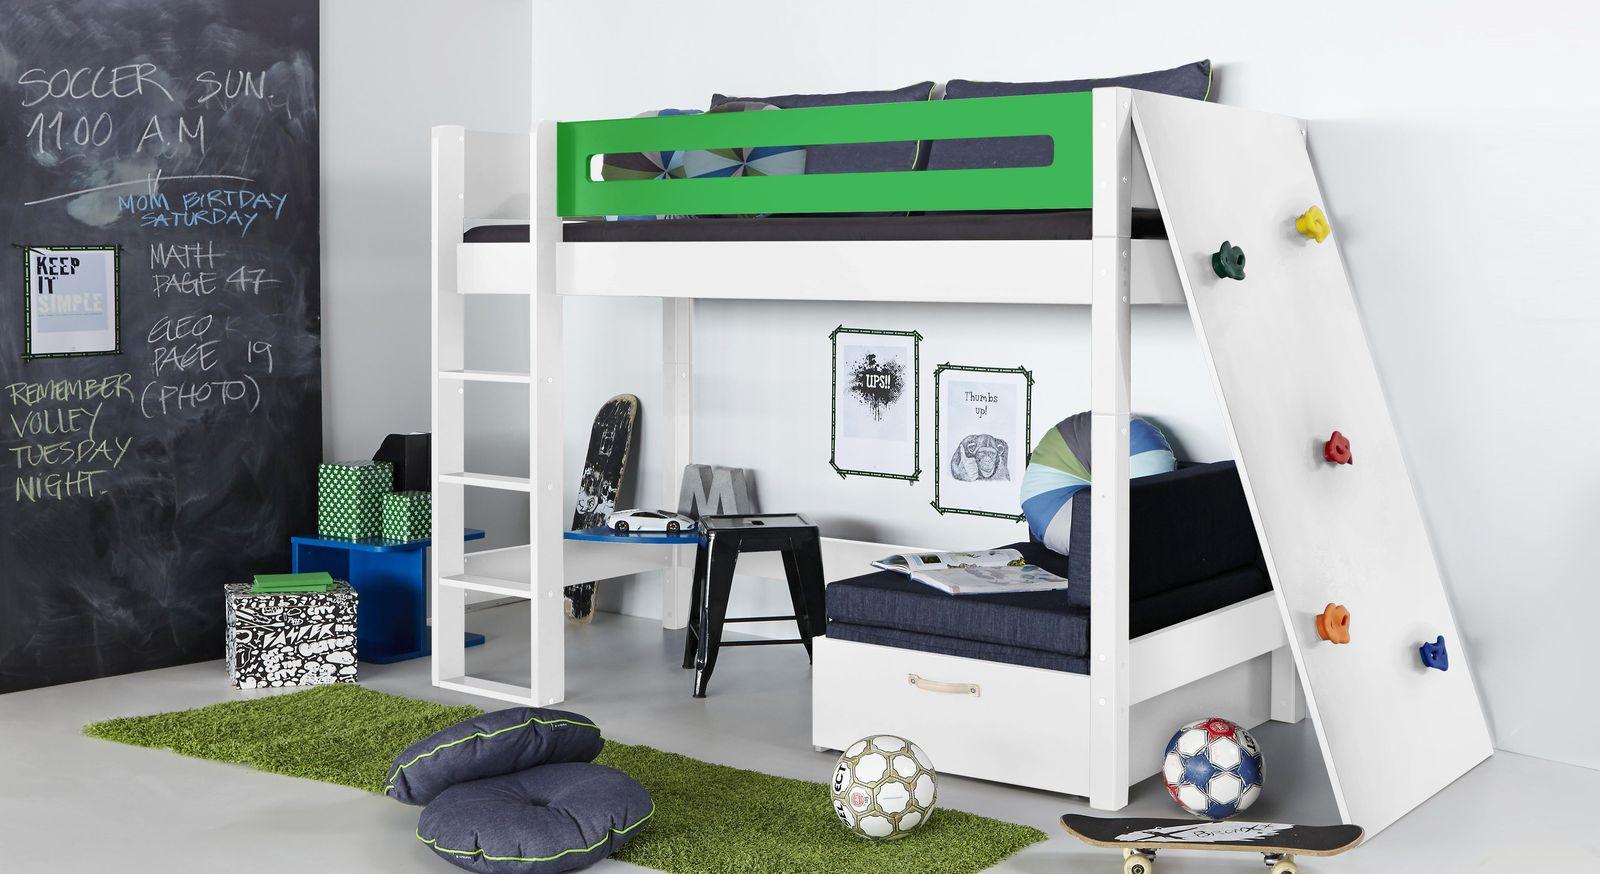 Passende Produkte zum Midi-Hochbett Kids Town mit Kletterwand